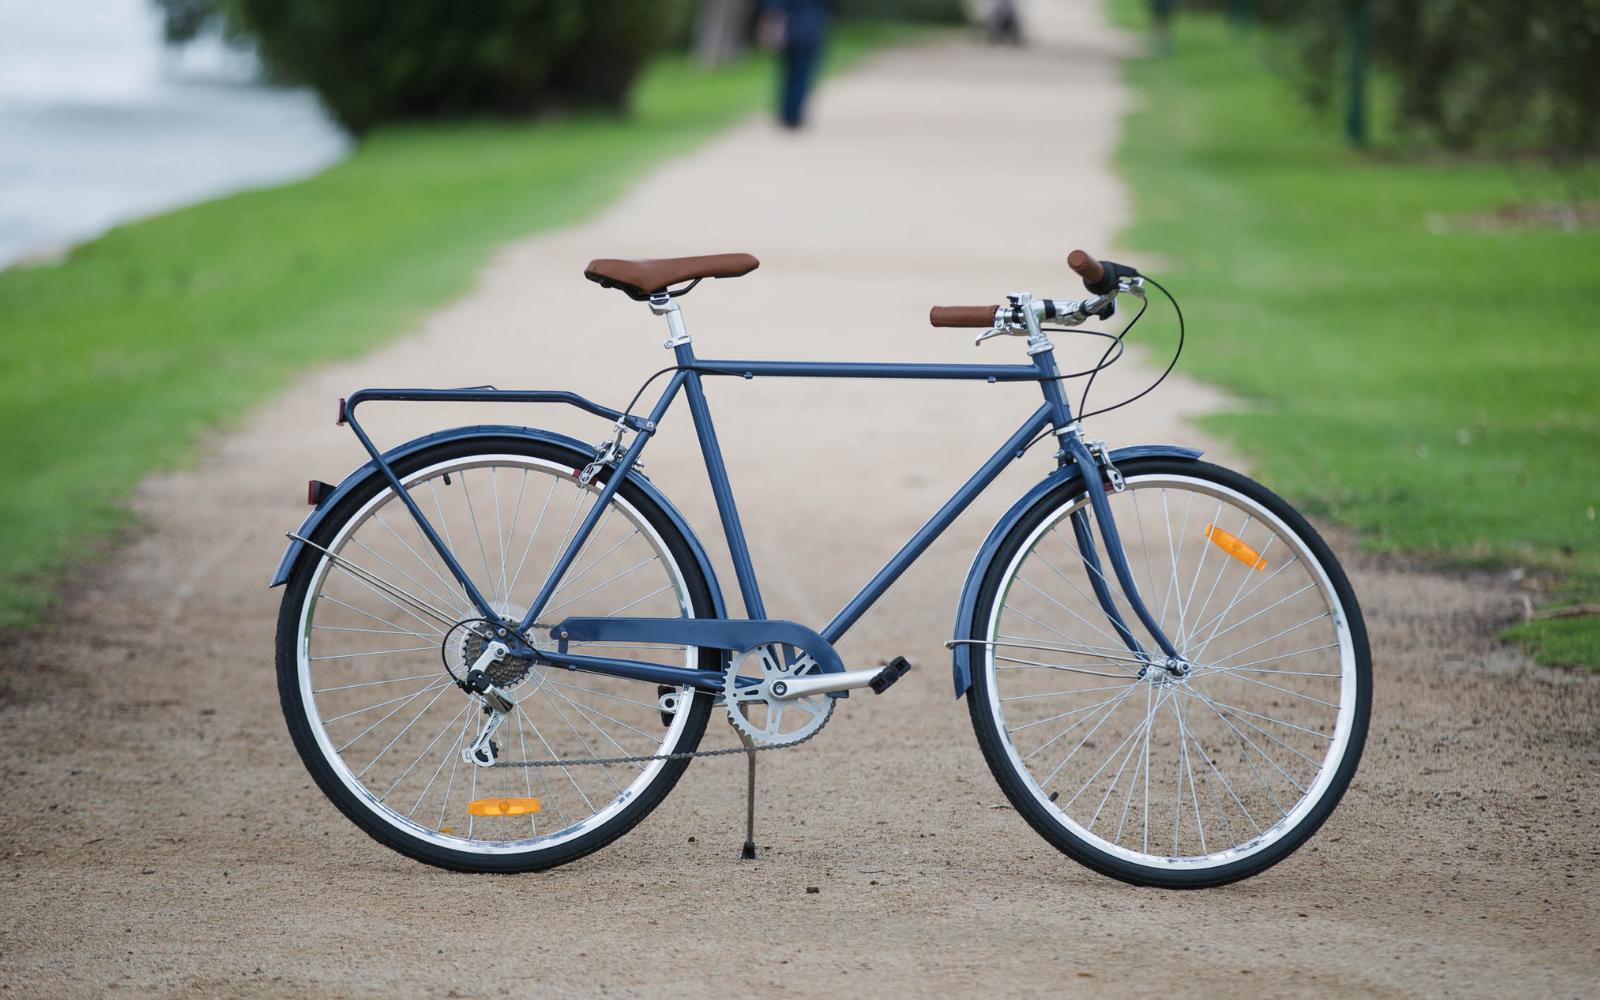 31 6 - Reid ® - Gents Roadster Bike